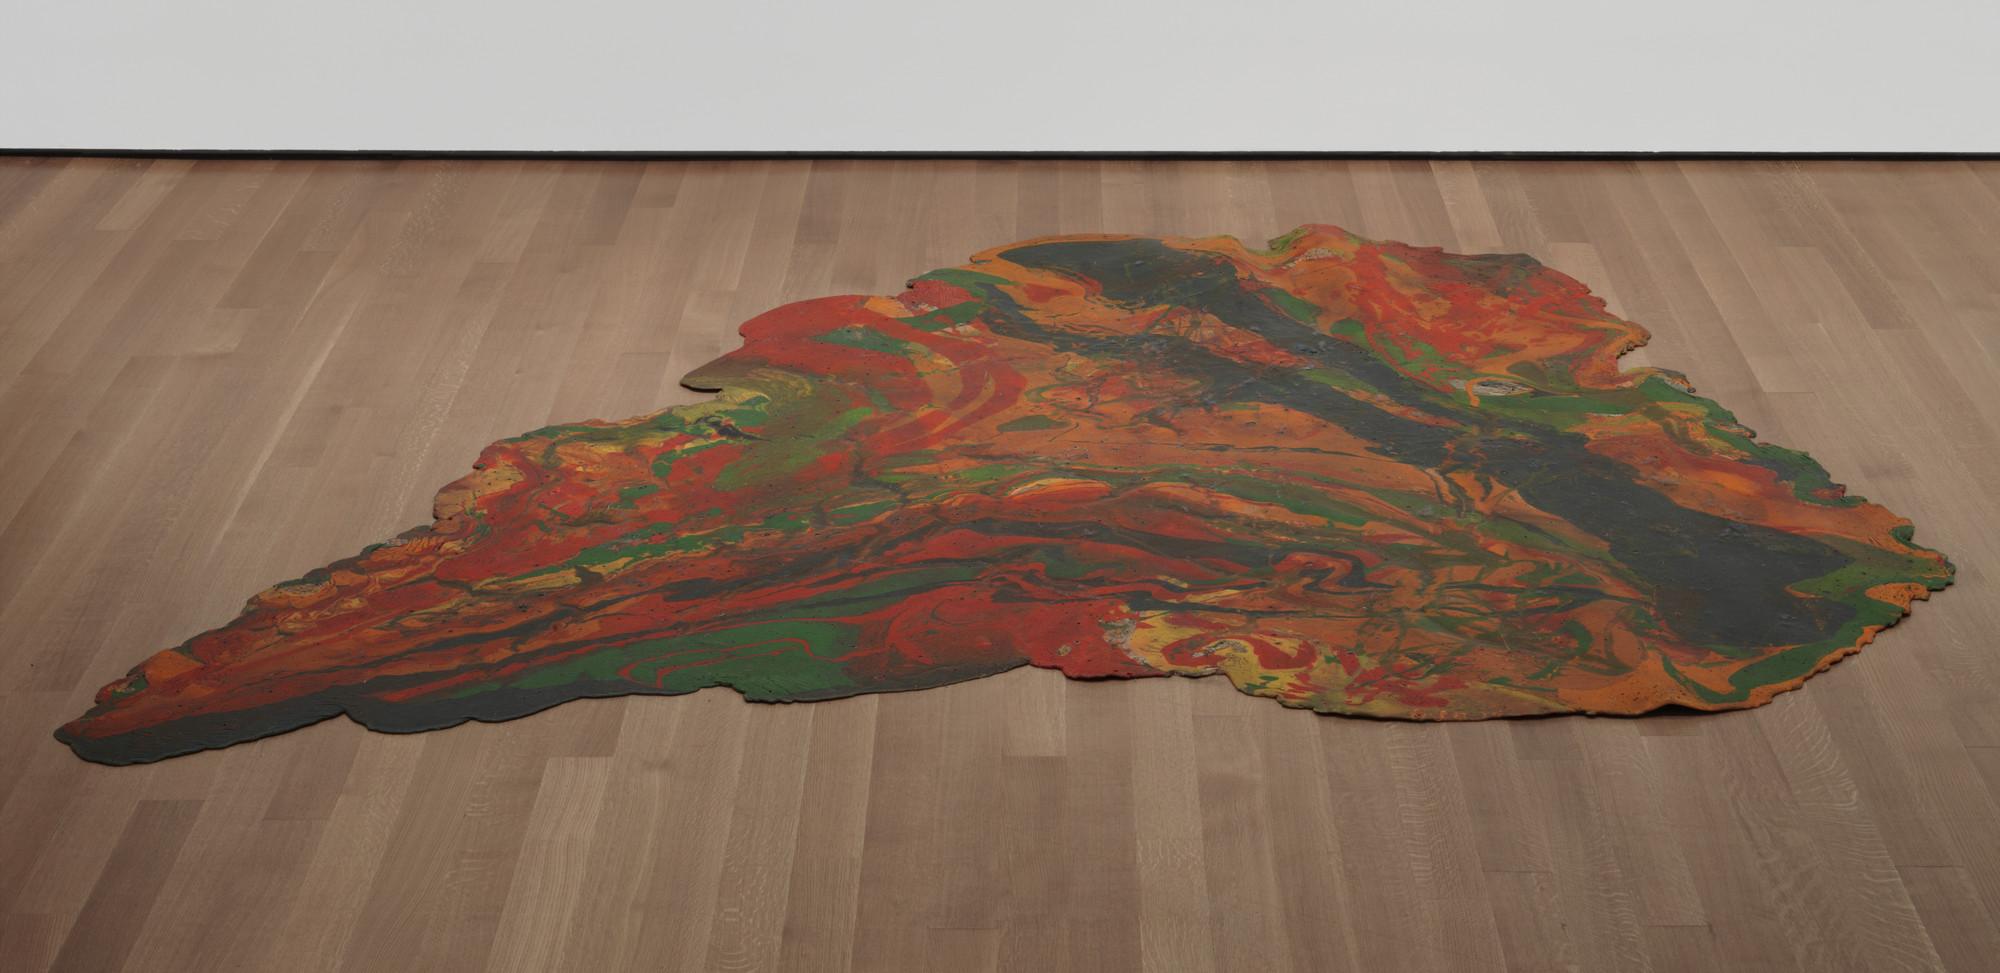 Lynda Benglis. Blatt. 1969 | MoMA